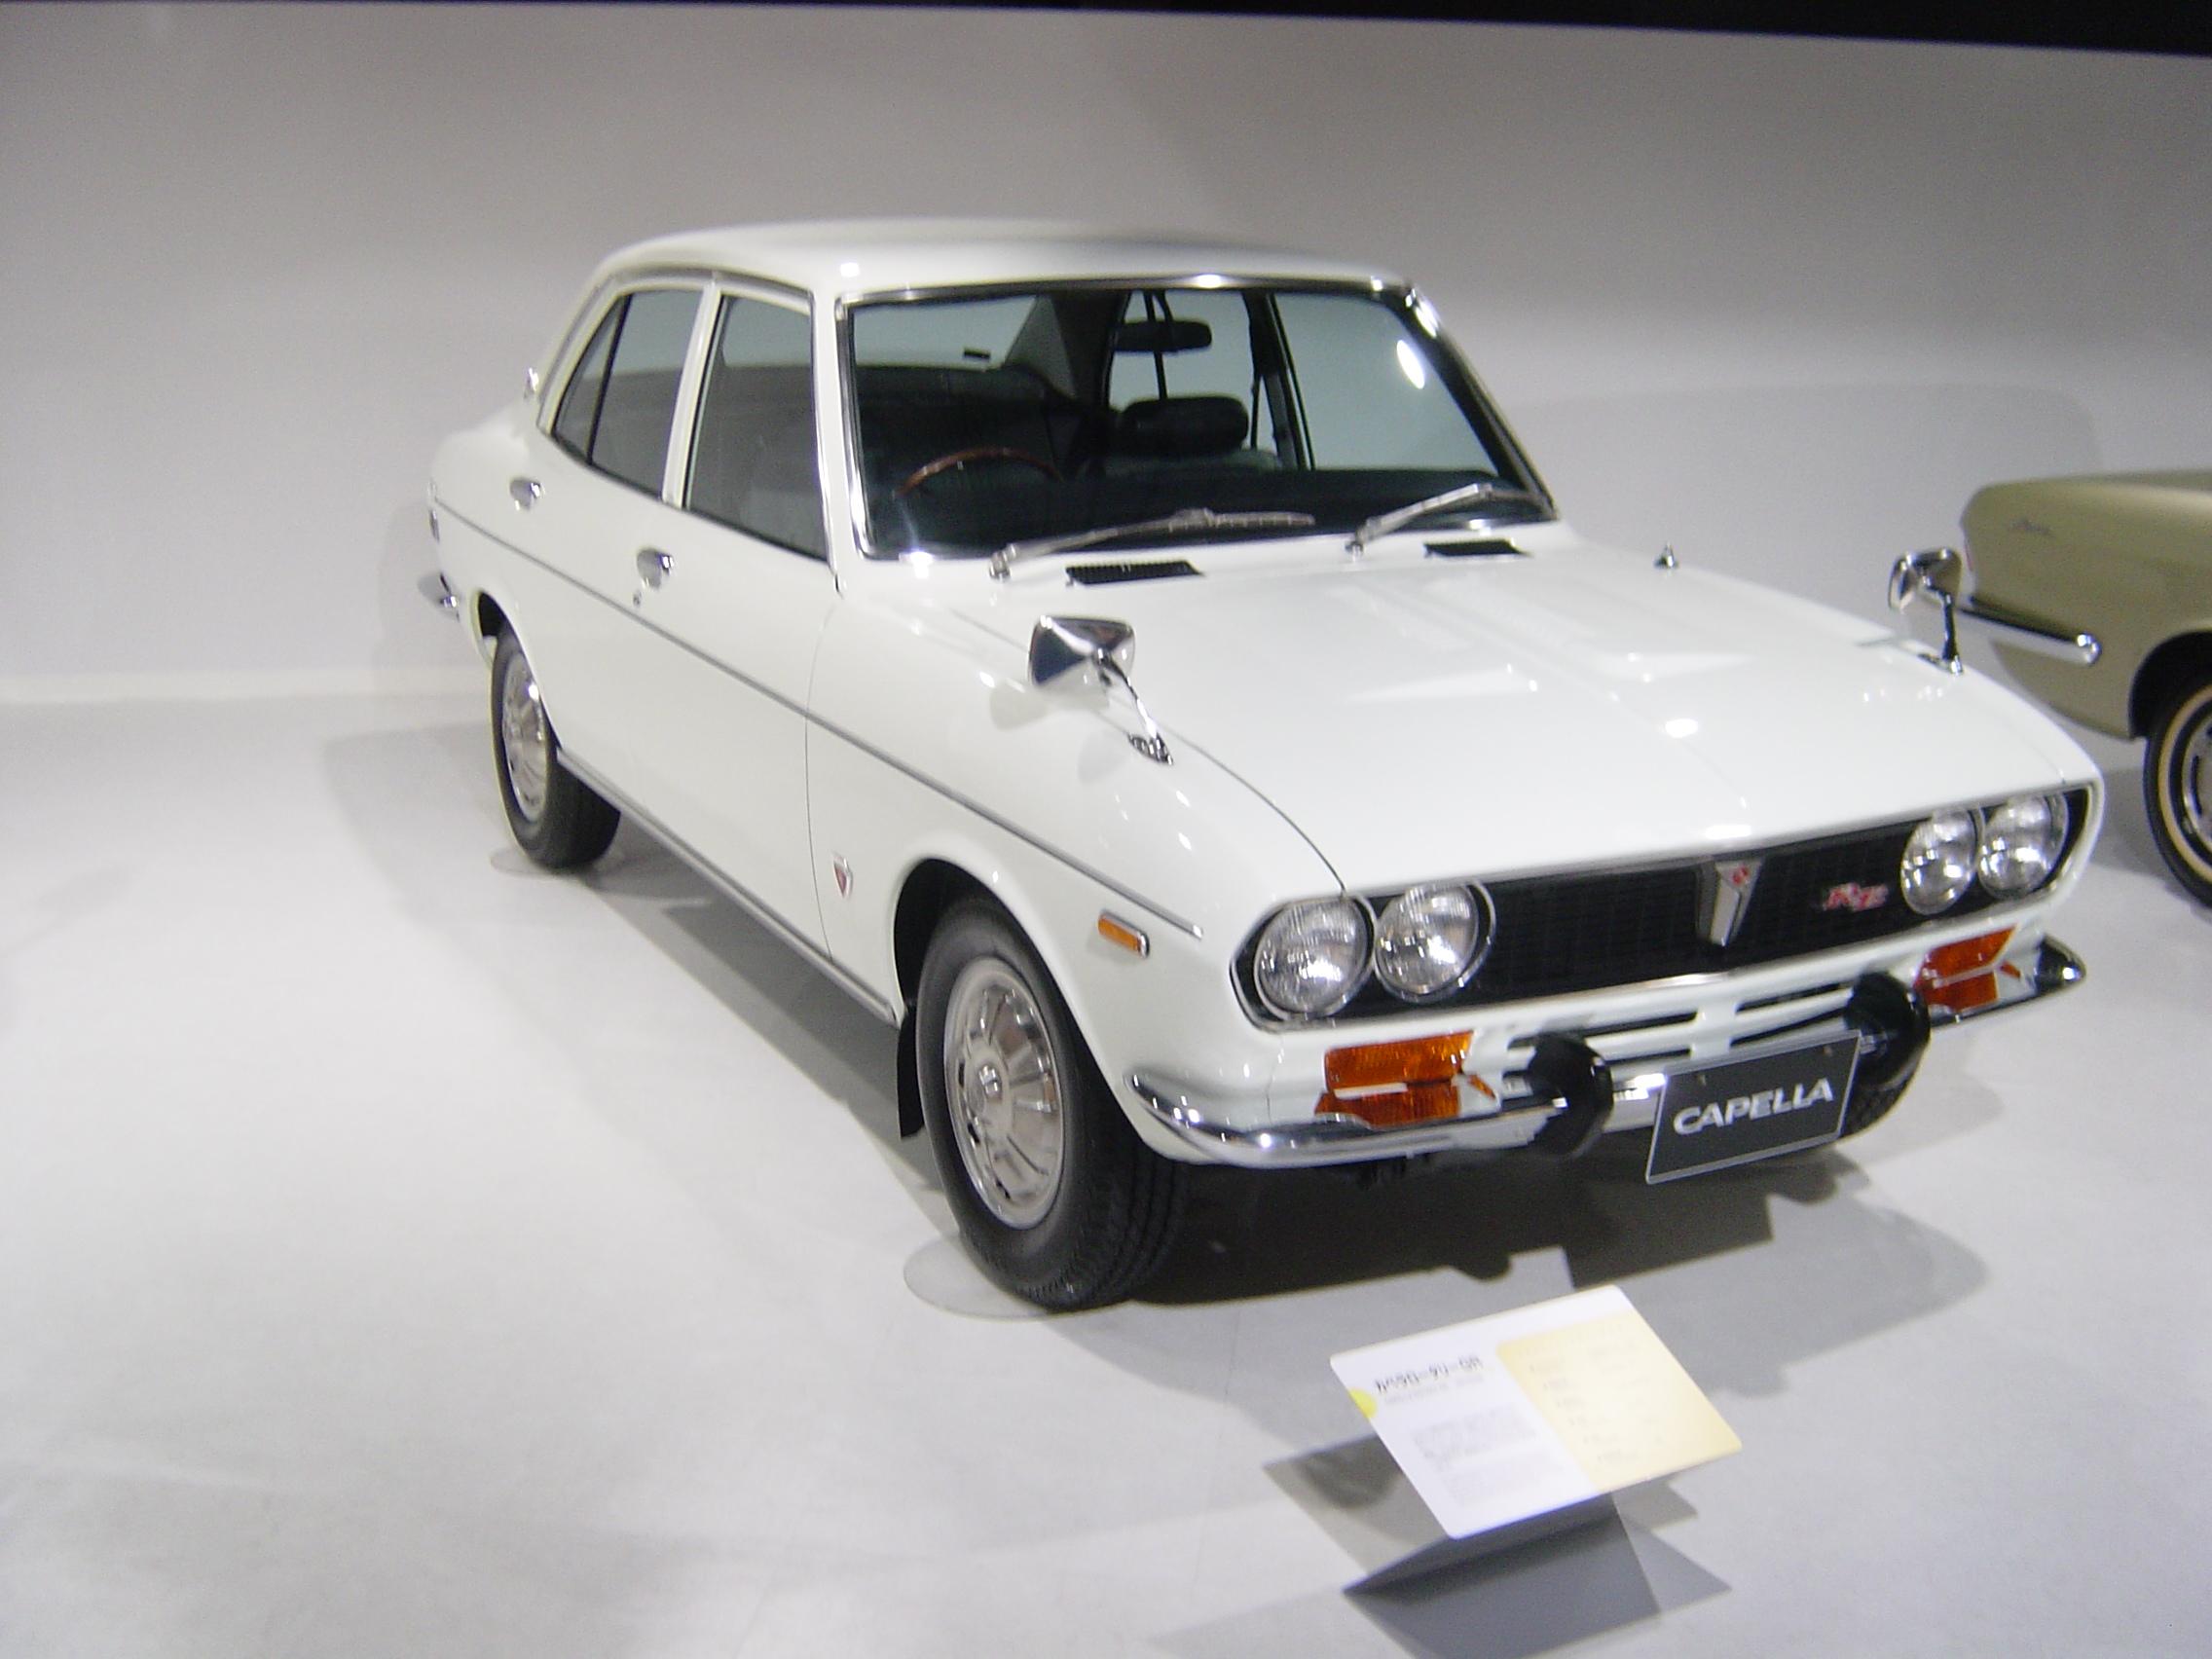 File:Mazda-capella-1st-generation01.jpg